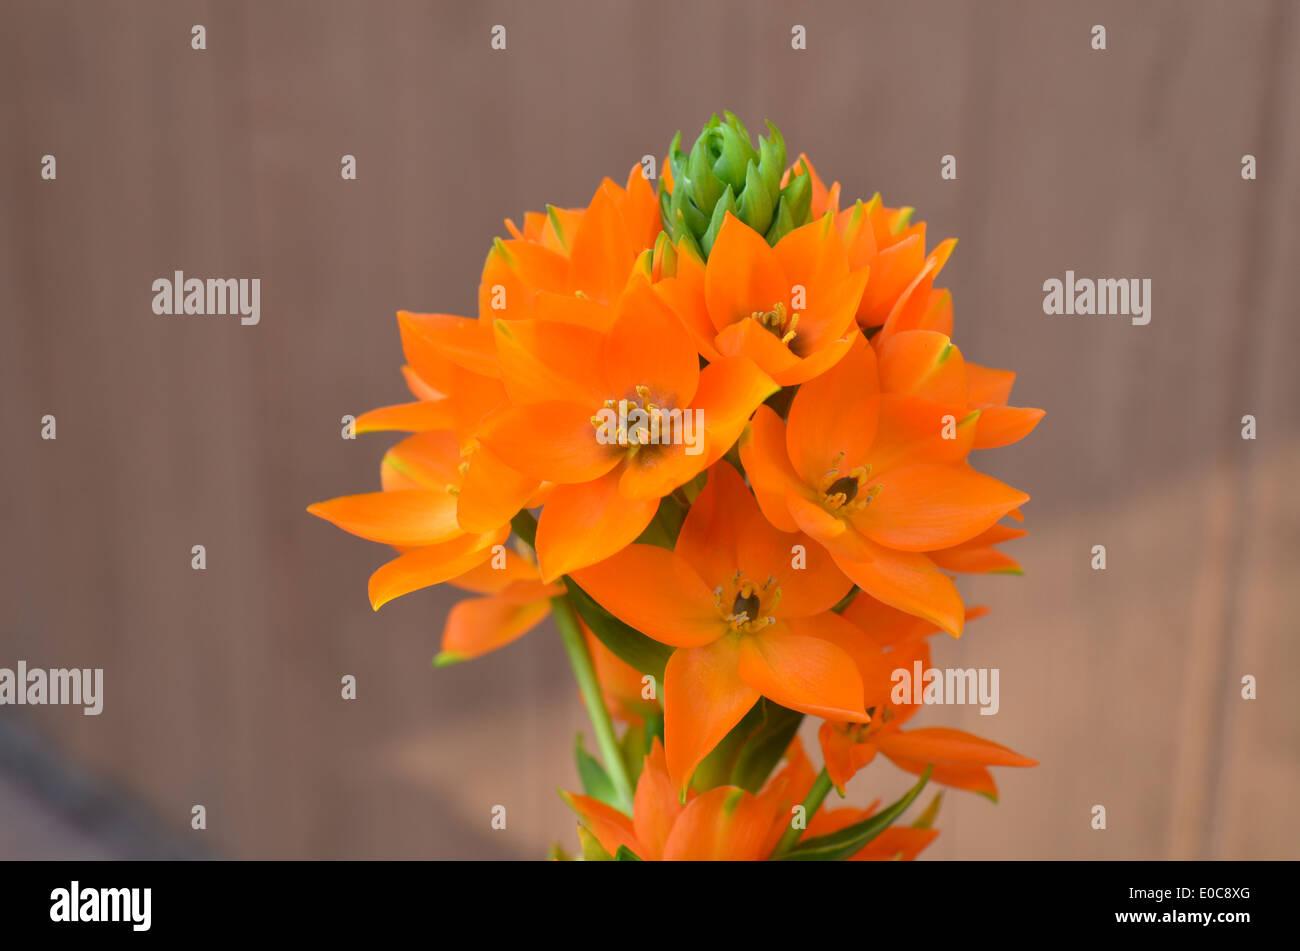 starburst flower - Stock Image